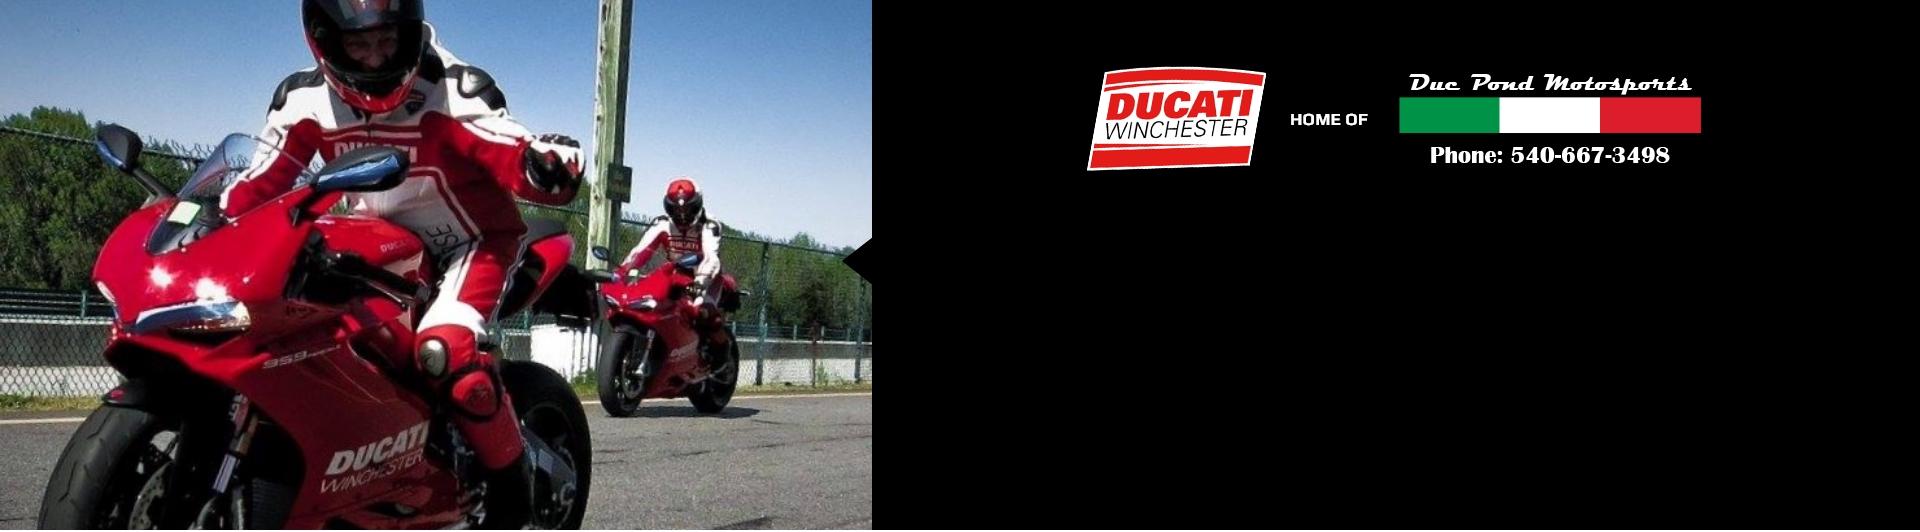 Winchester Va Ducati